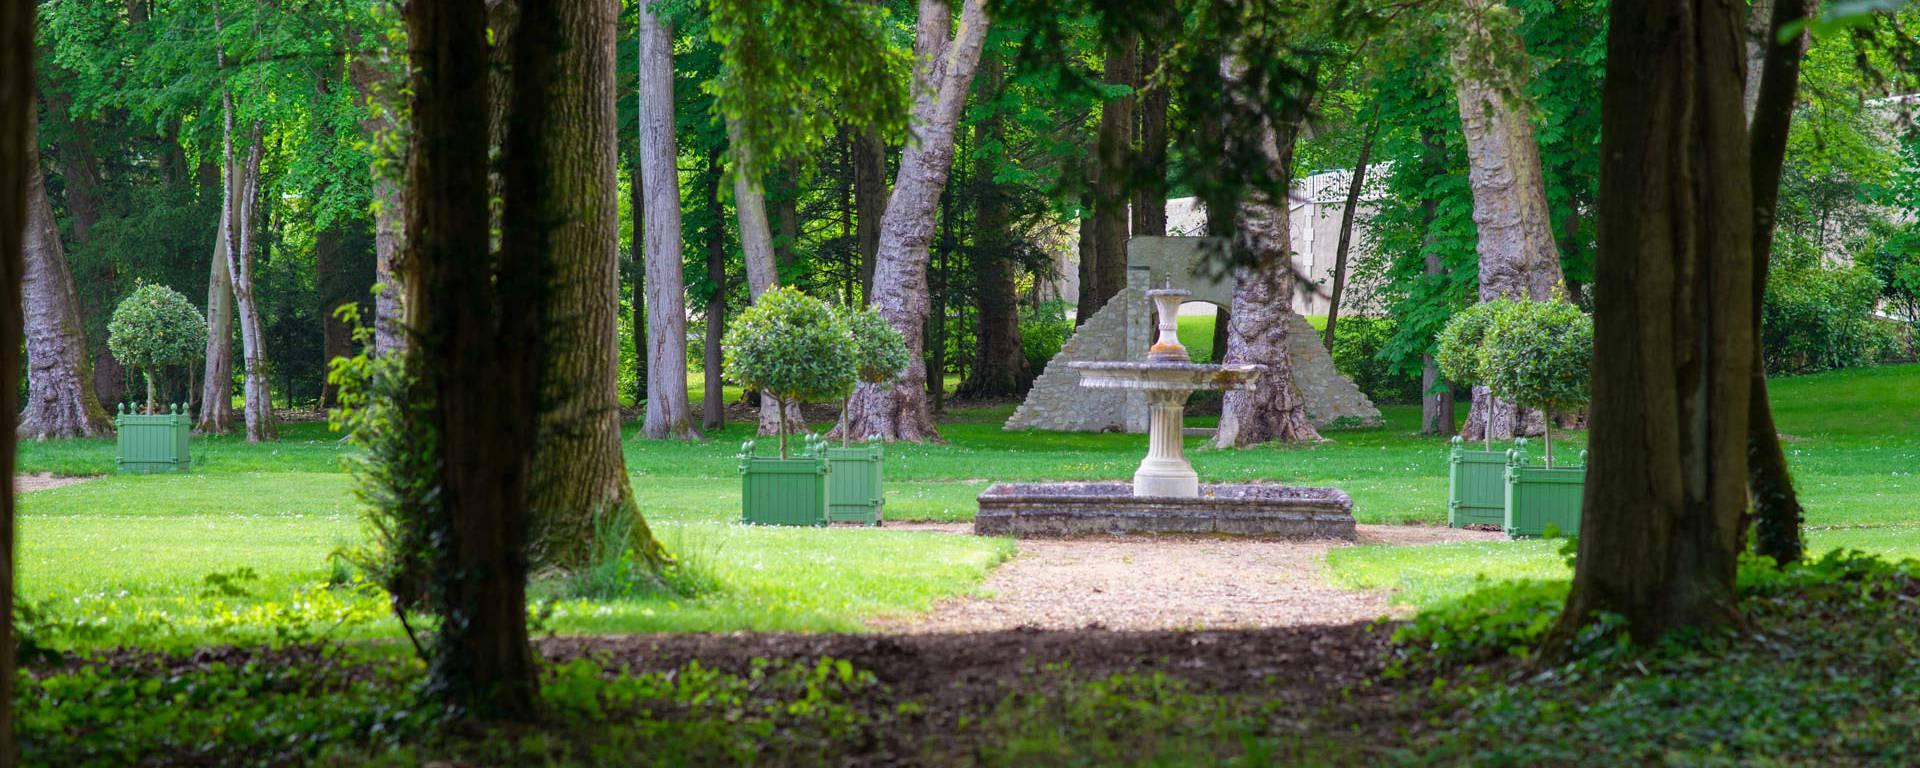 Los jardines renacentistas del Château Gaillard. © OTBC